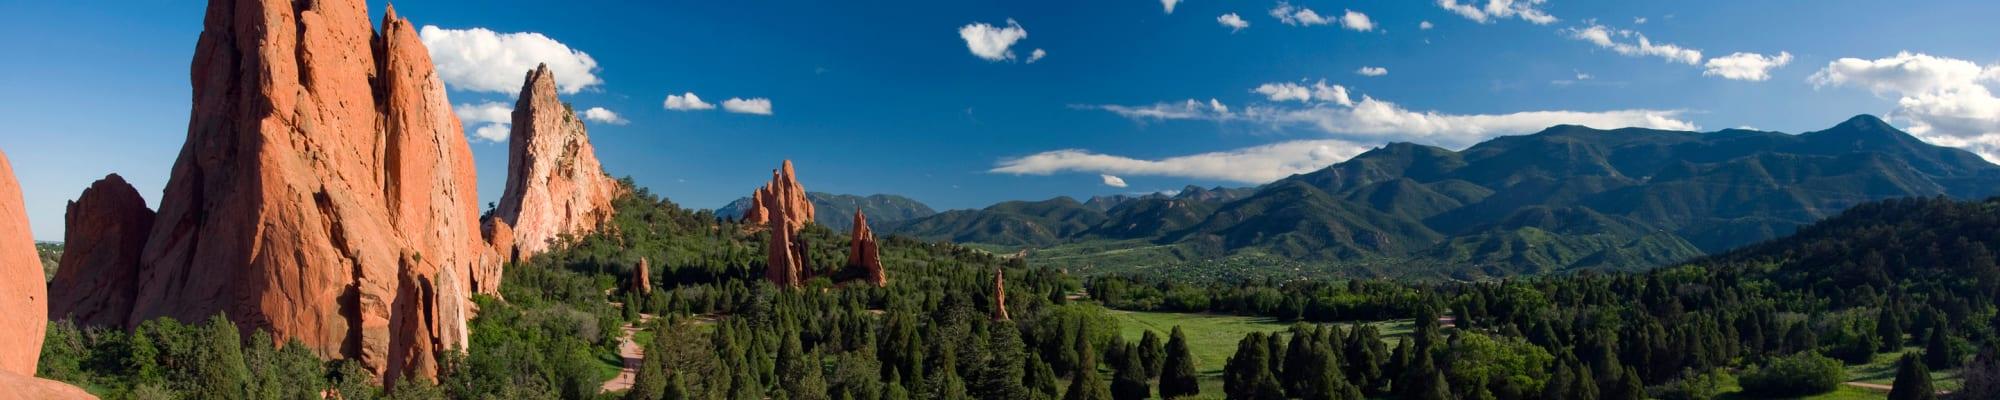 Photos of Enchanted Springs Apartments in Colorado Springs, Colorado